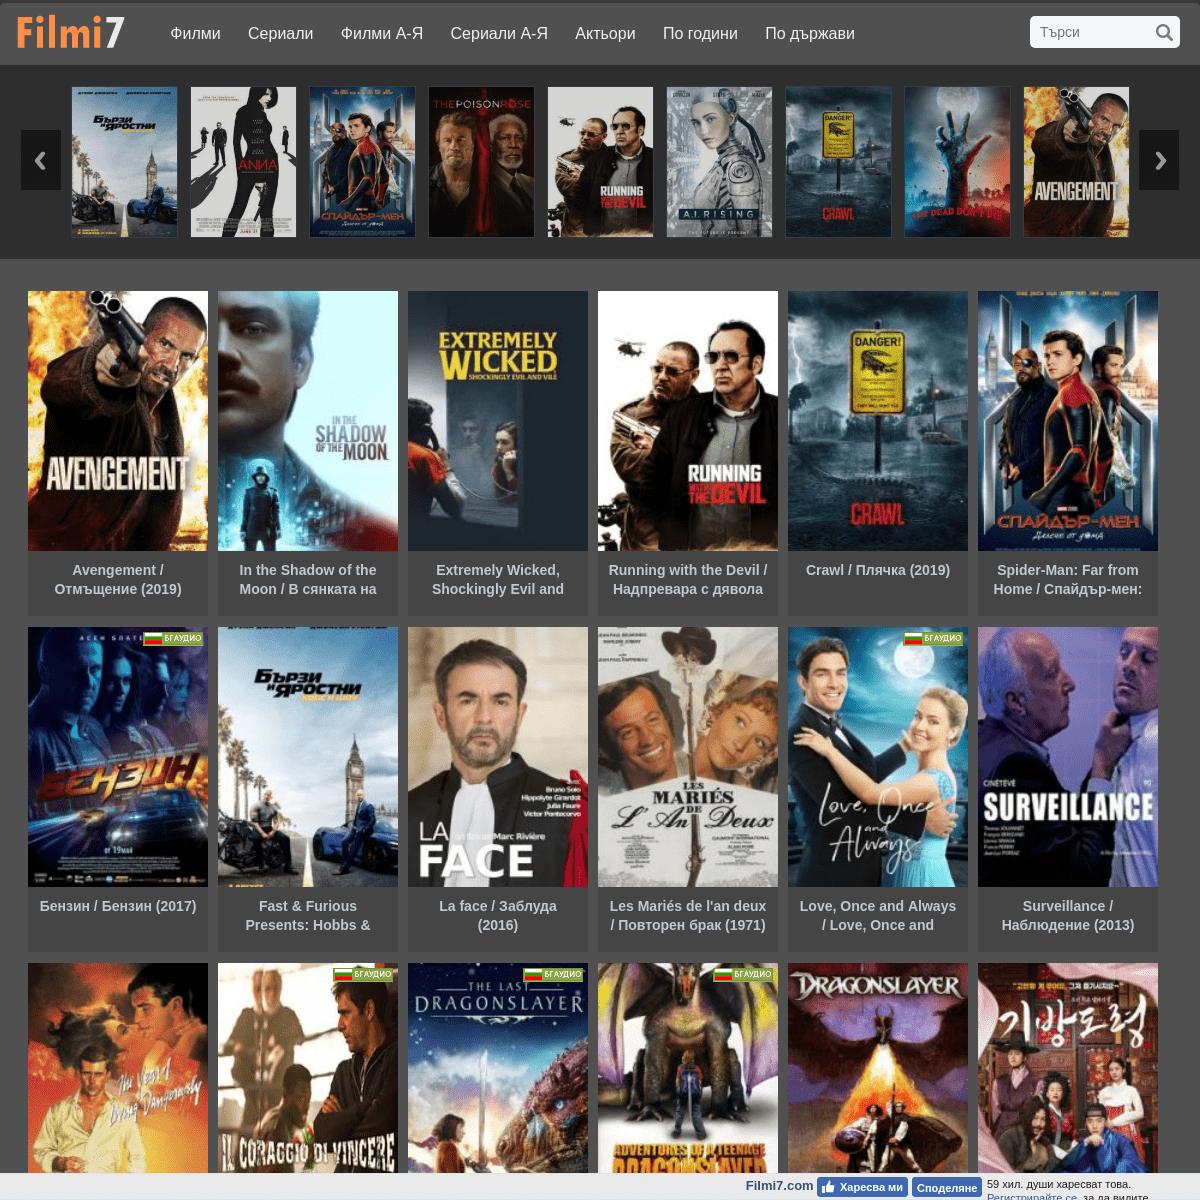 Online Filmi филми 7